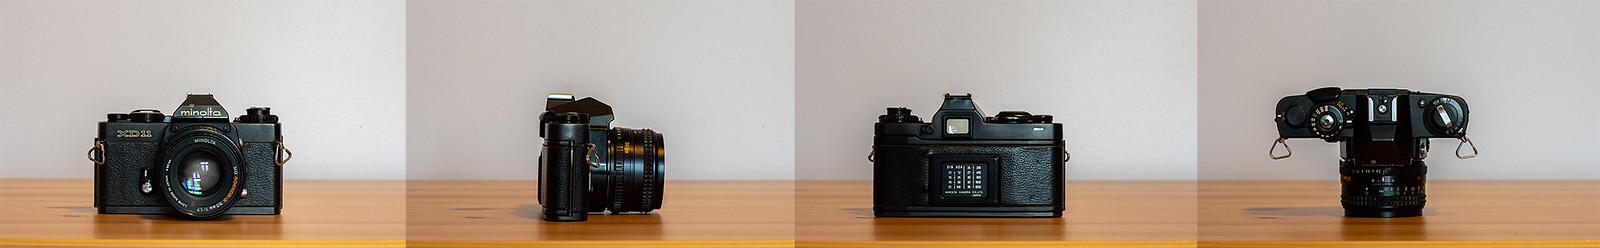 Camera Review Blog No. 136 - Minolta XD11